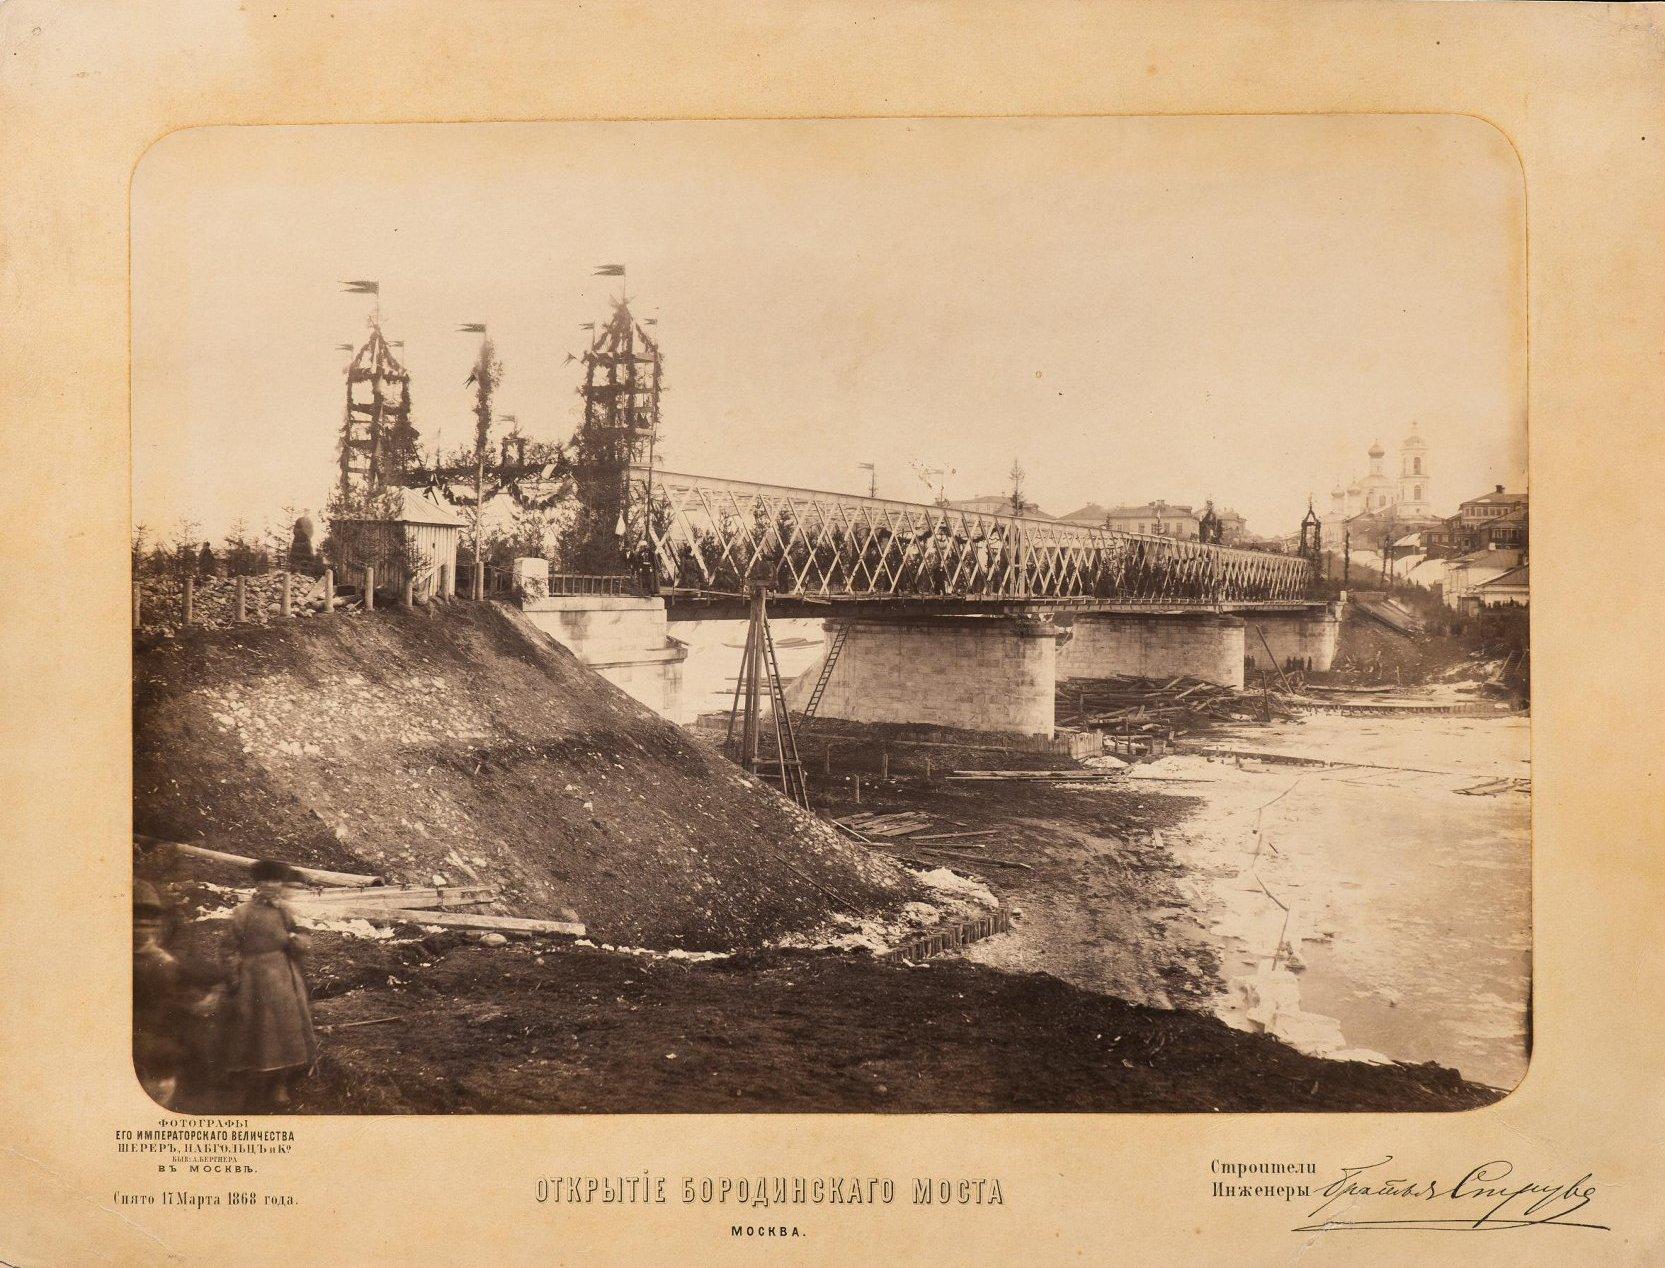 Дорогомиловский (Бородинский) мост. Торжественное открытие 17 марта 1868 г.